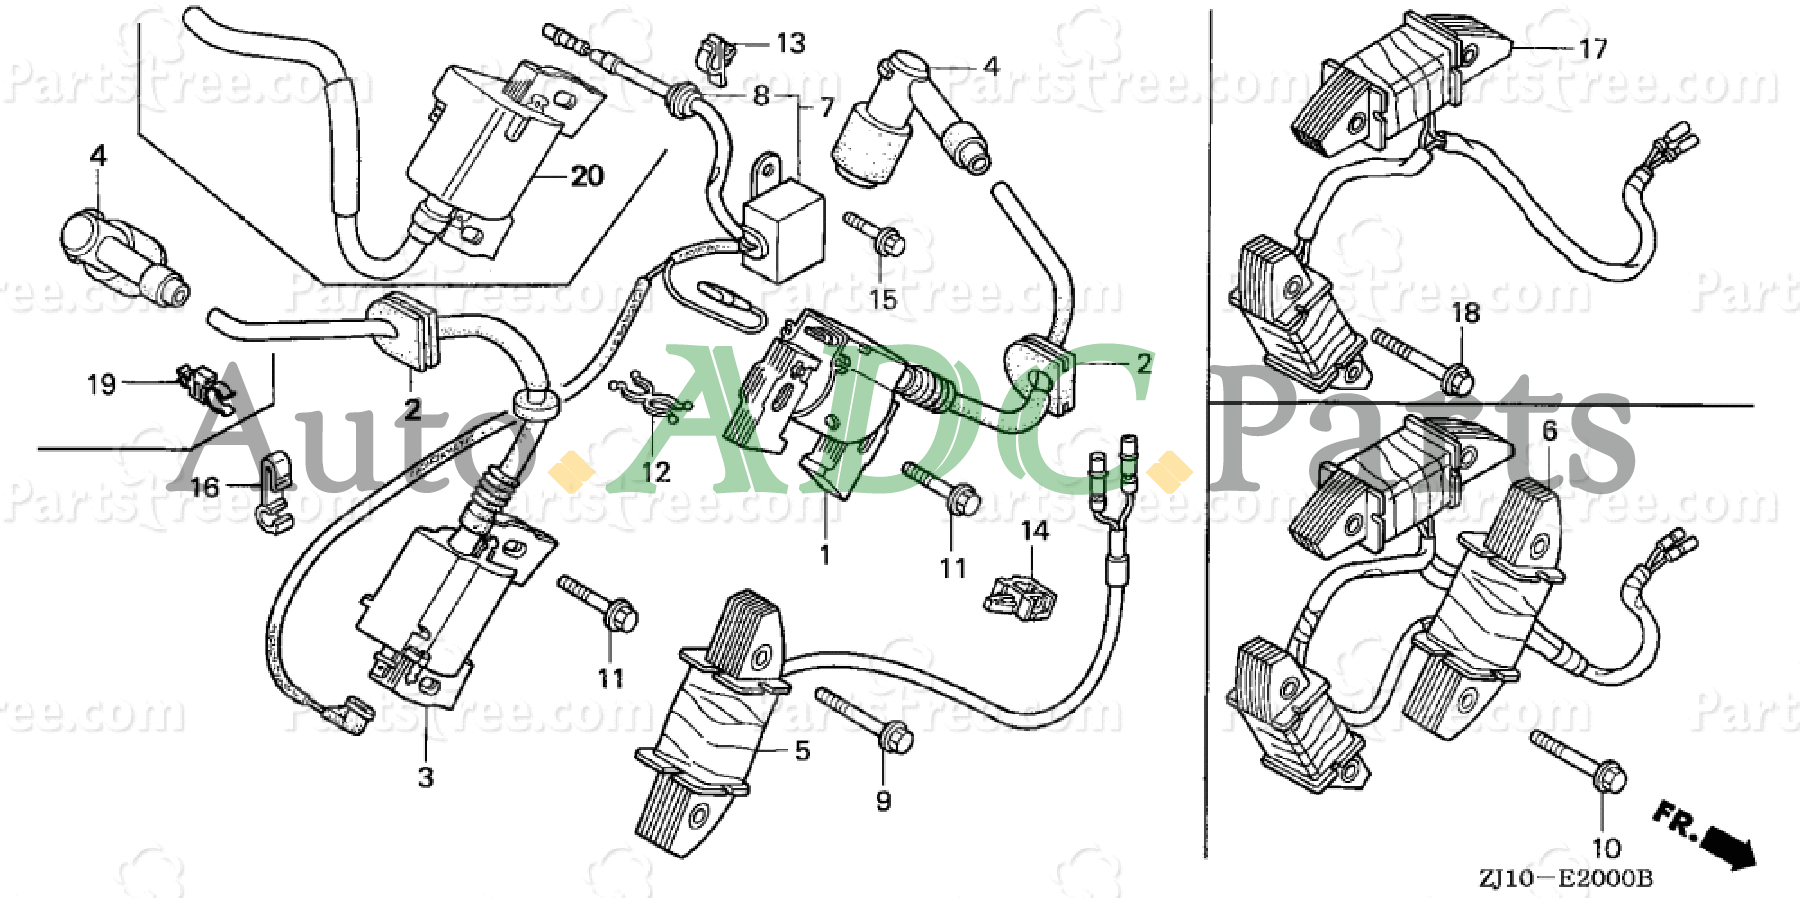 Charge Coil Assembly 31630-ZJ1-802 for Honda GX610 GX620 GX670 GXV610 GXV620